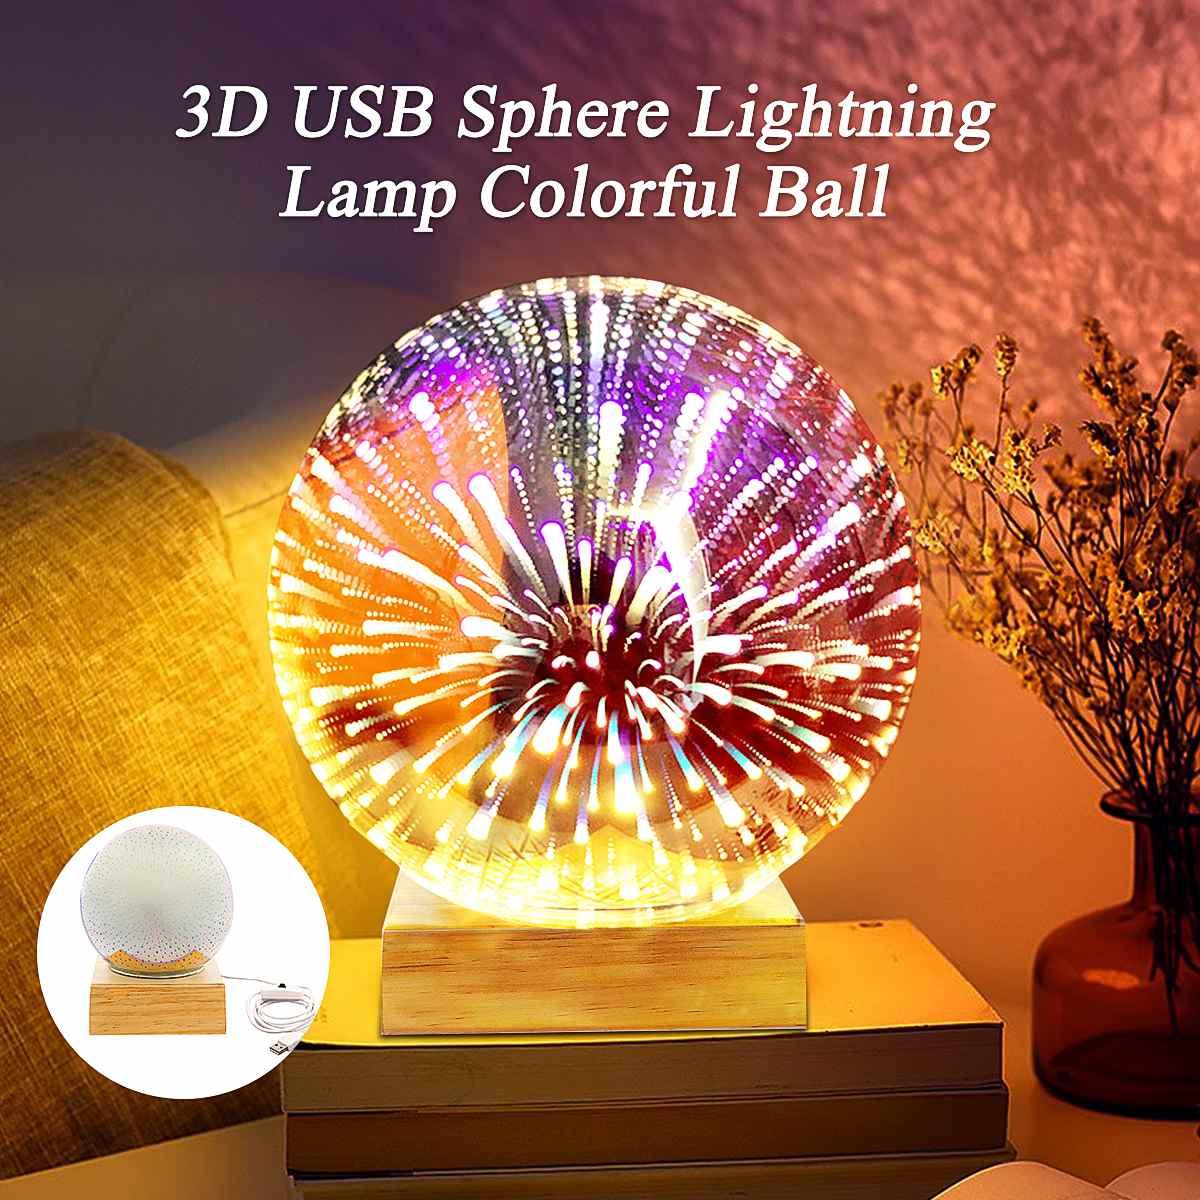 Lámpara Lightning con esfera USB 3D de cristal, Bola de colores, luz nocturna, esfera de cristal mágico LED, novedad, lámpara de mesa de Plasma